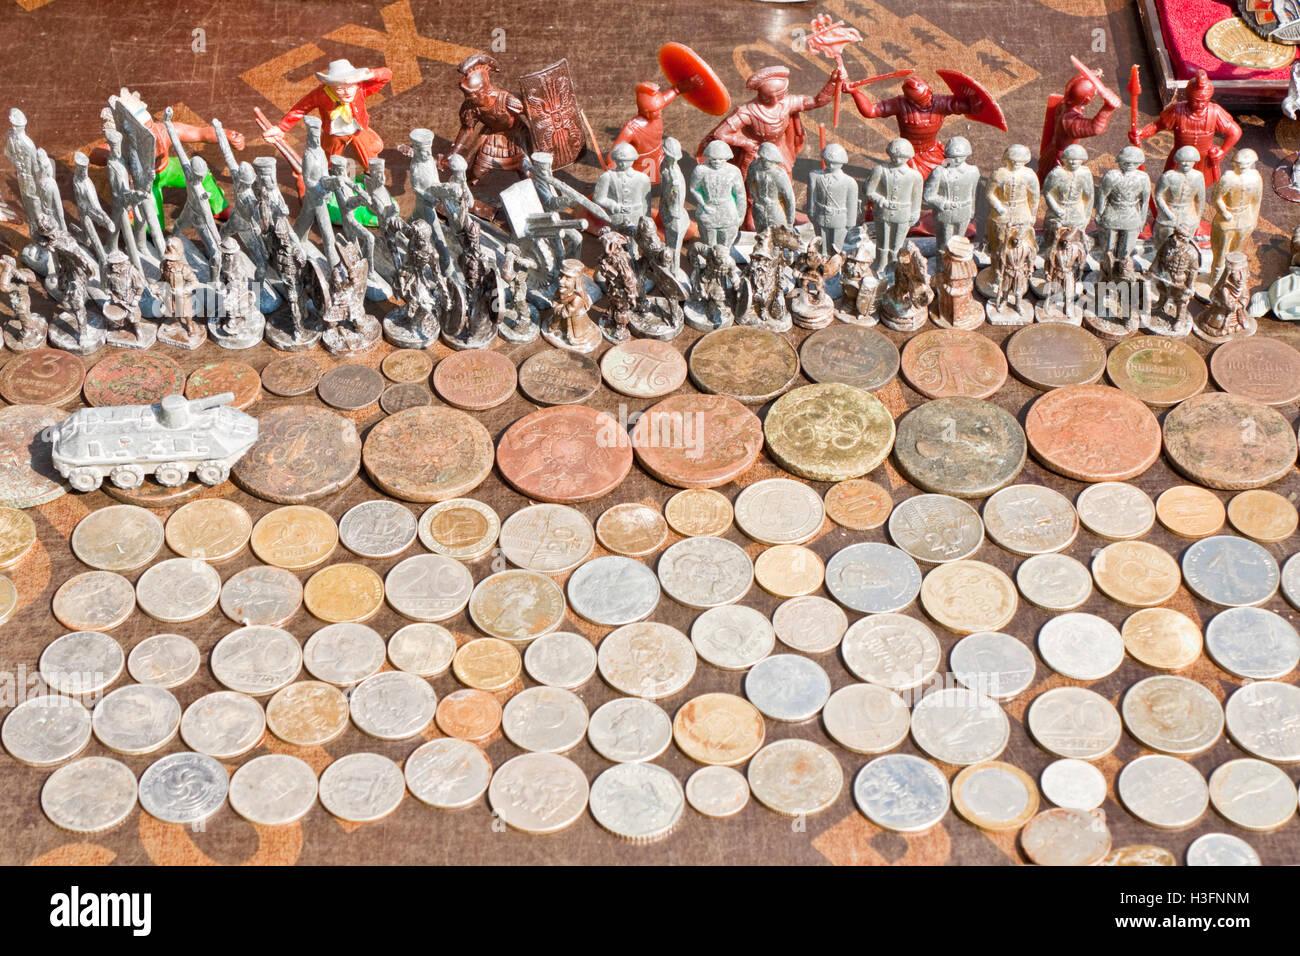 D'anciennes pièces et petits soldats sur un étal d'un marché aux puces à Lviv, Ukraine. Banque D'Images